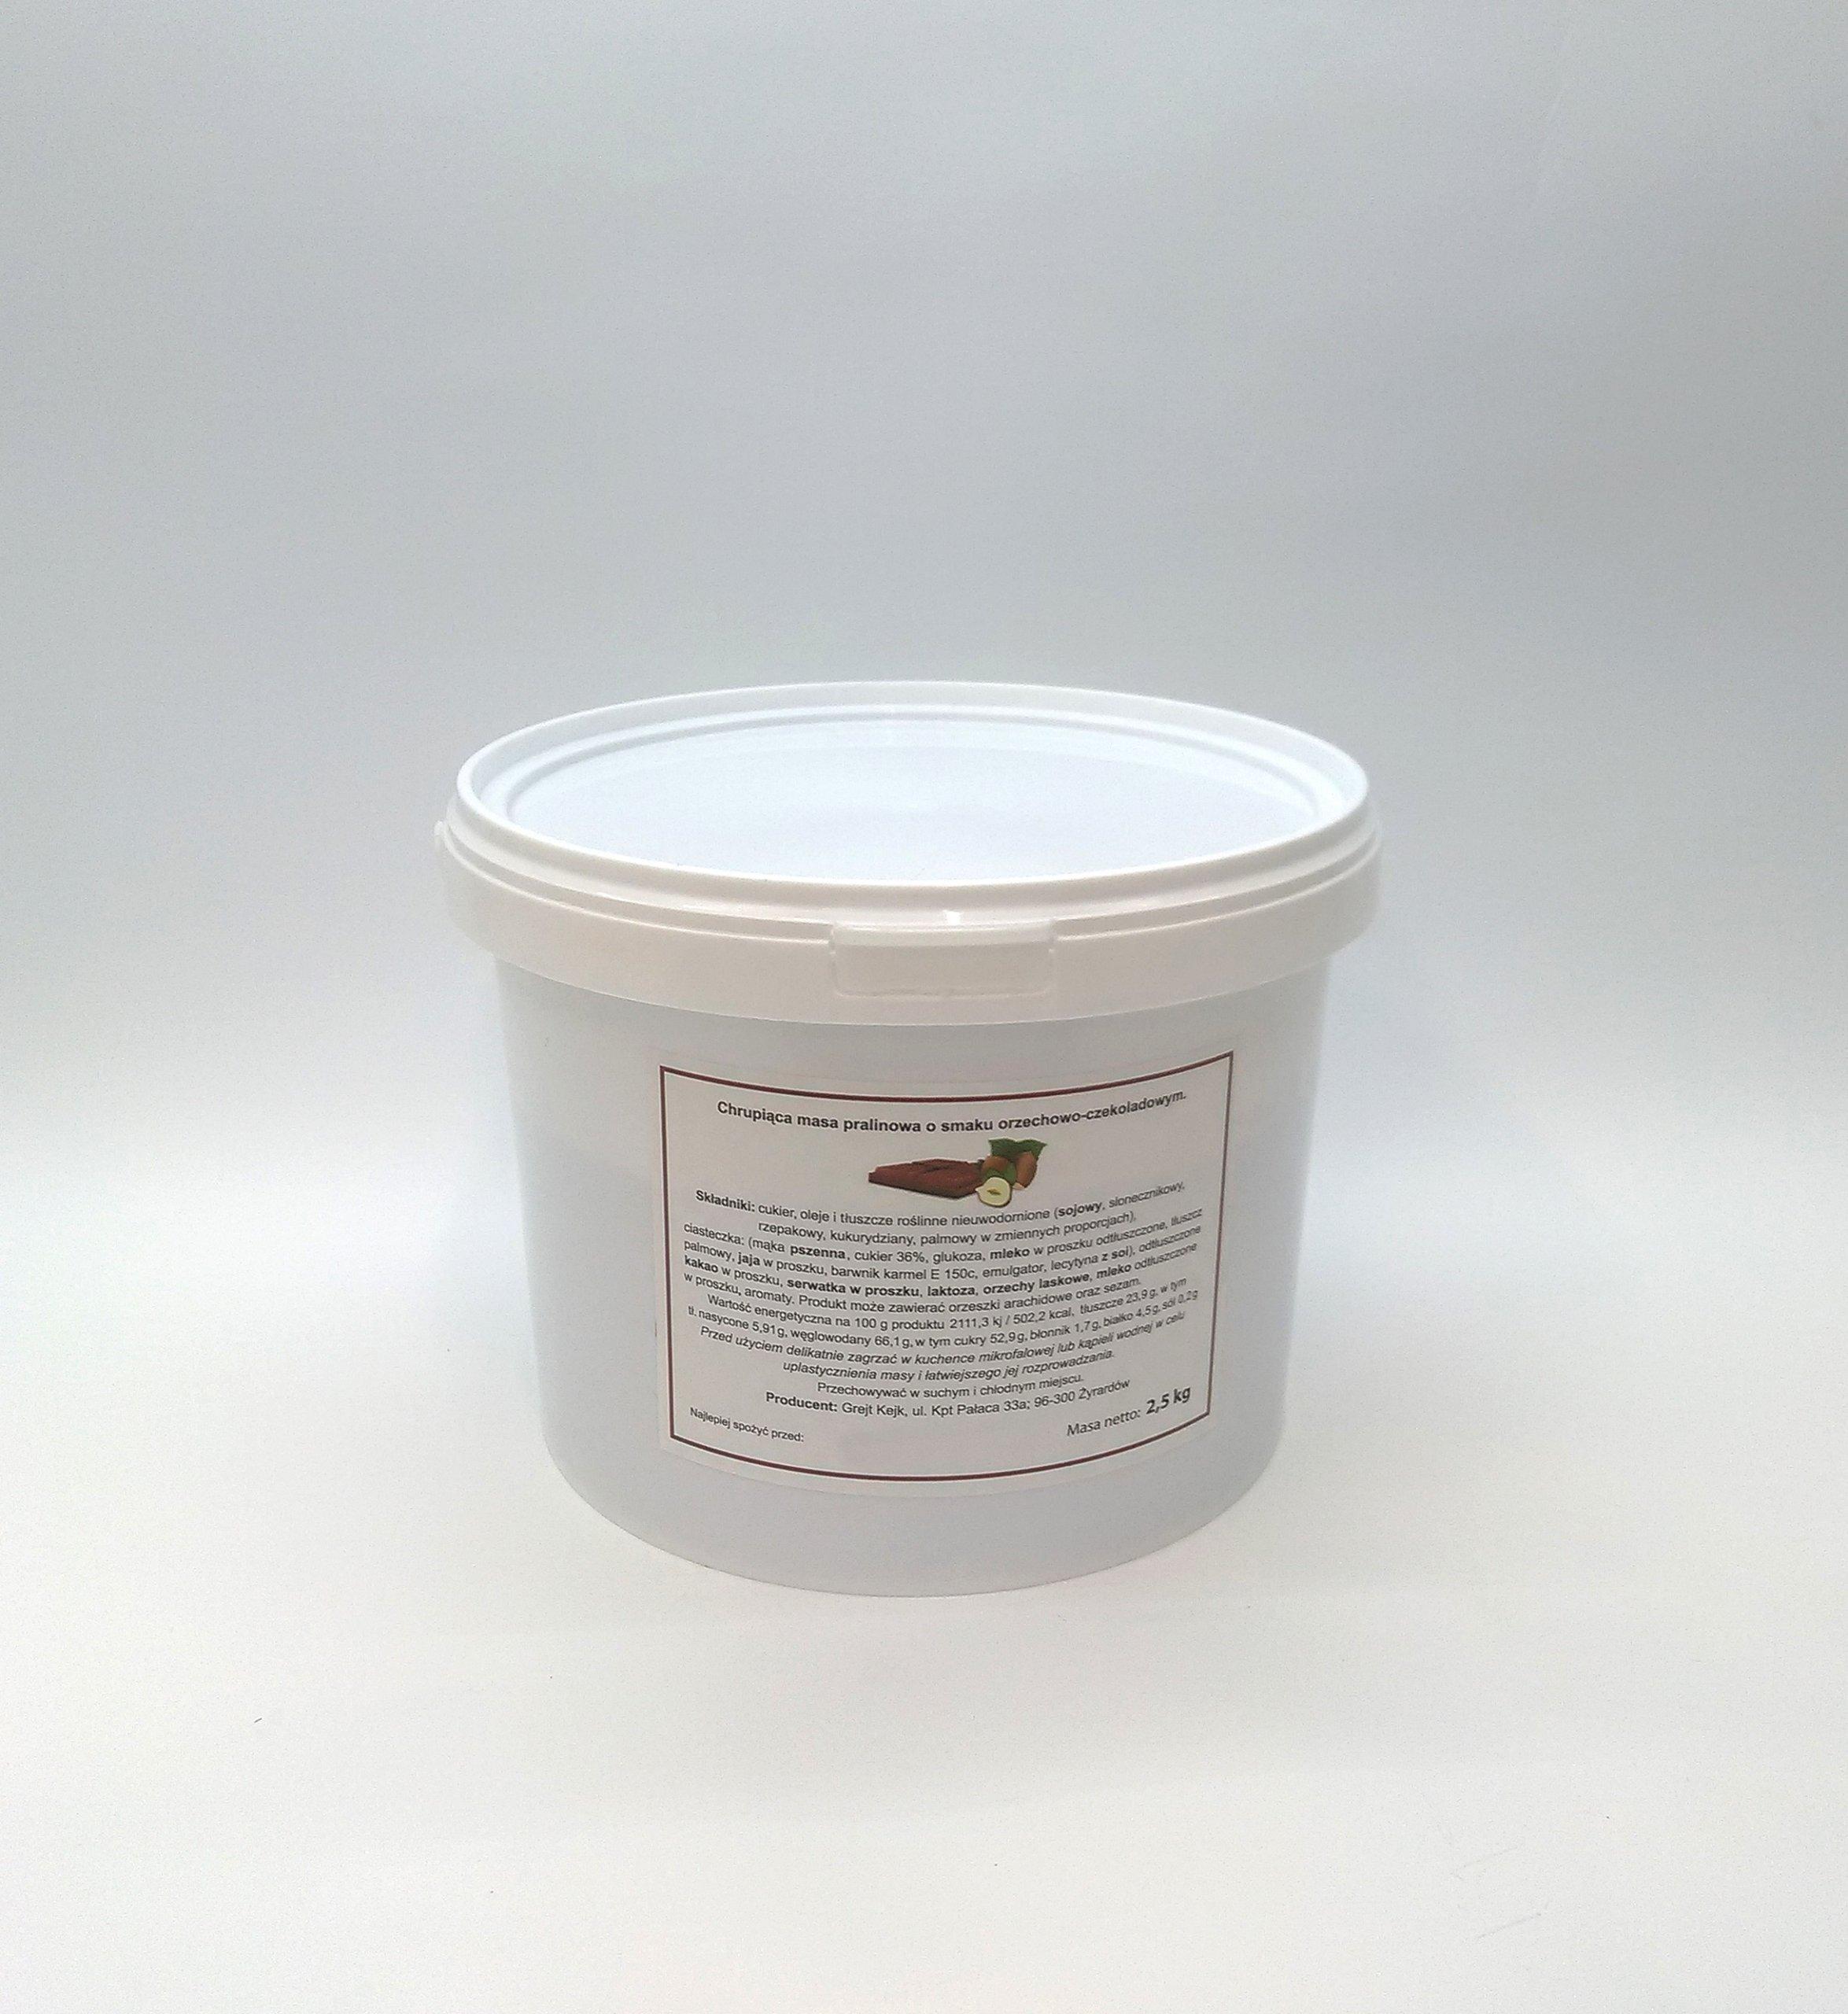 Chrumkavé koláč pralina hmotnosť 2,5 kg čokolády